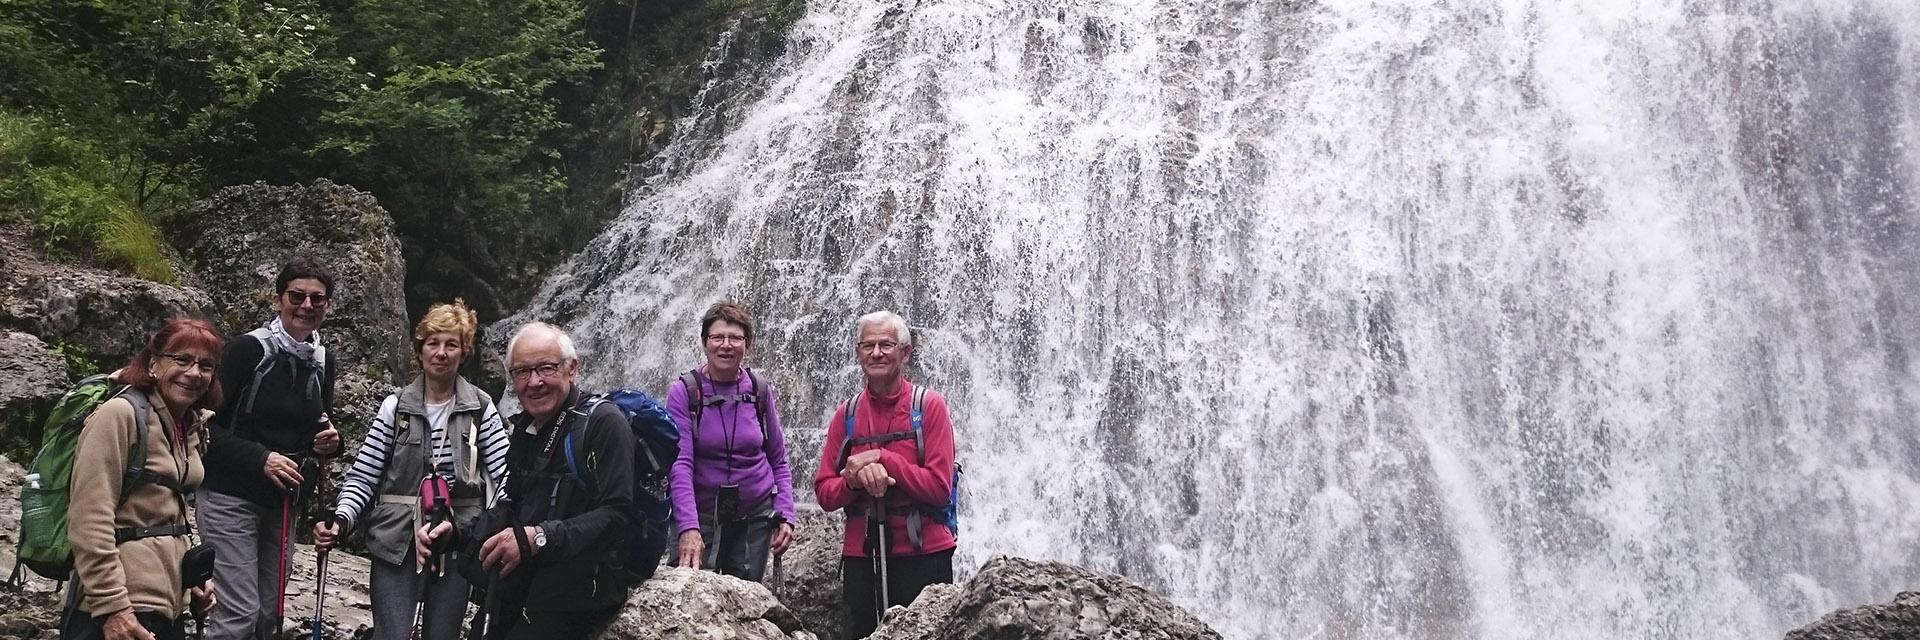 Au coeur du terroir et du patrimoine jurassiens - Les Chalets du Lac de Vouglans